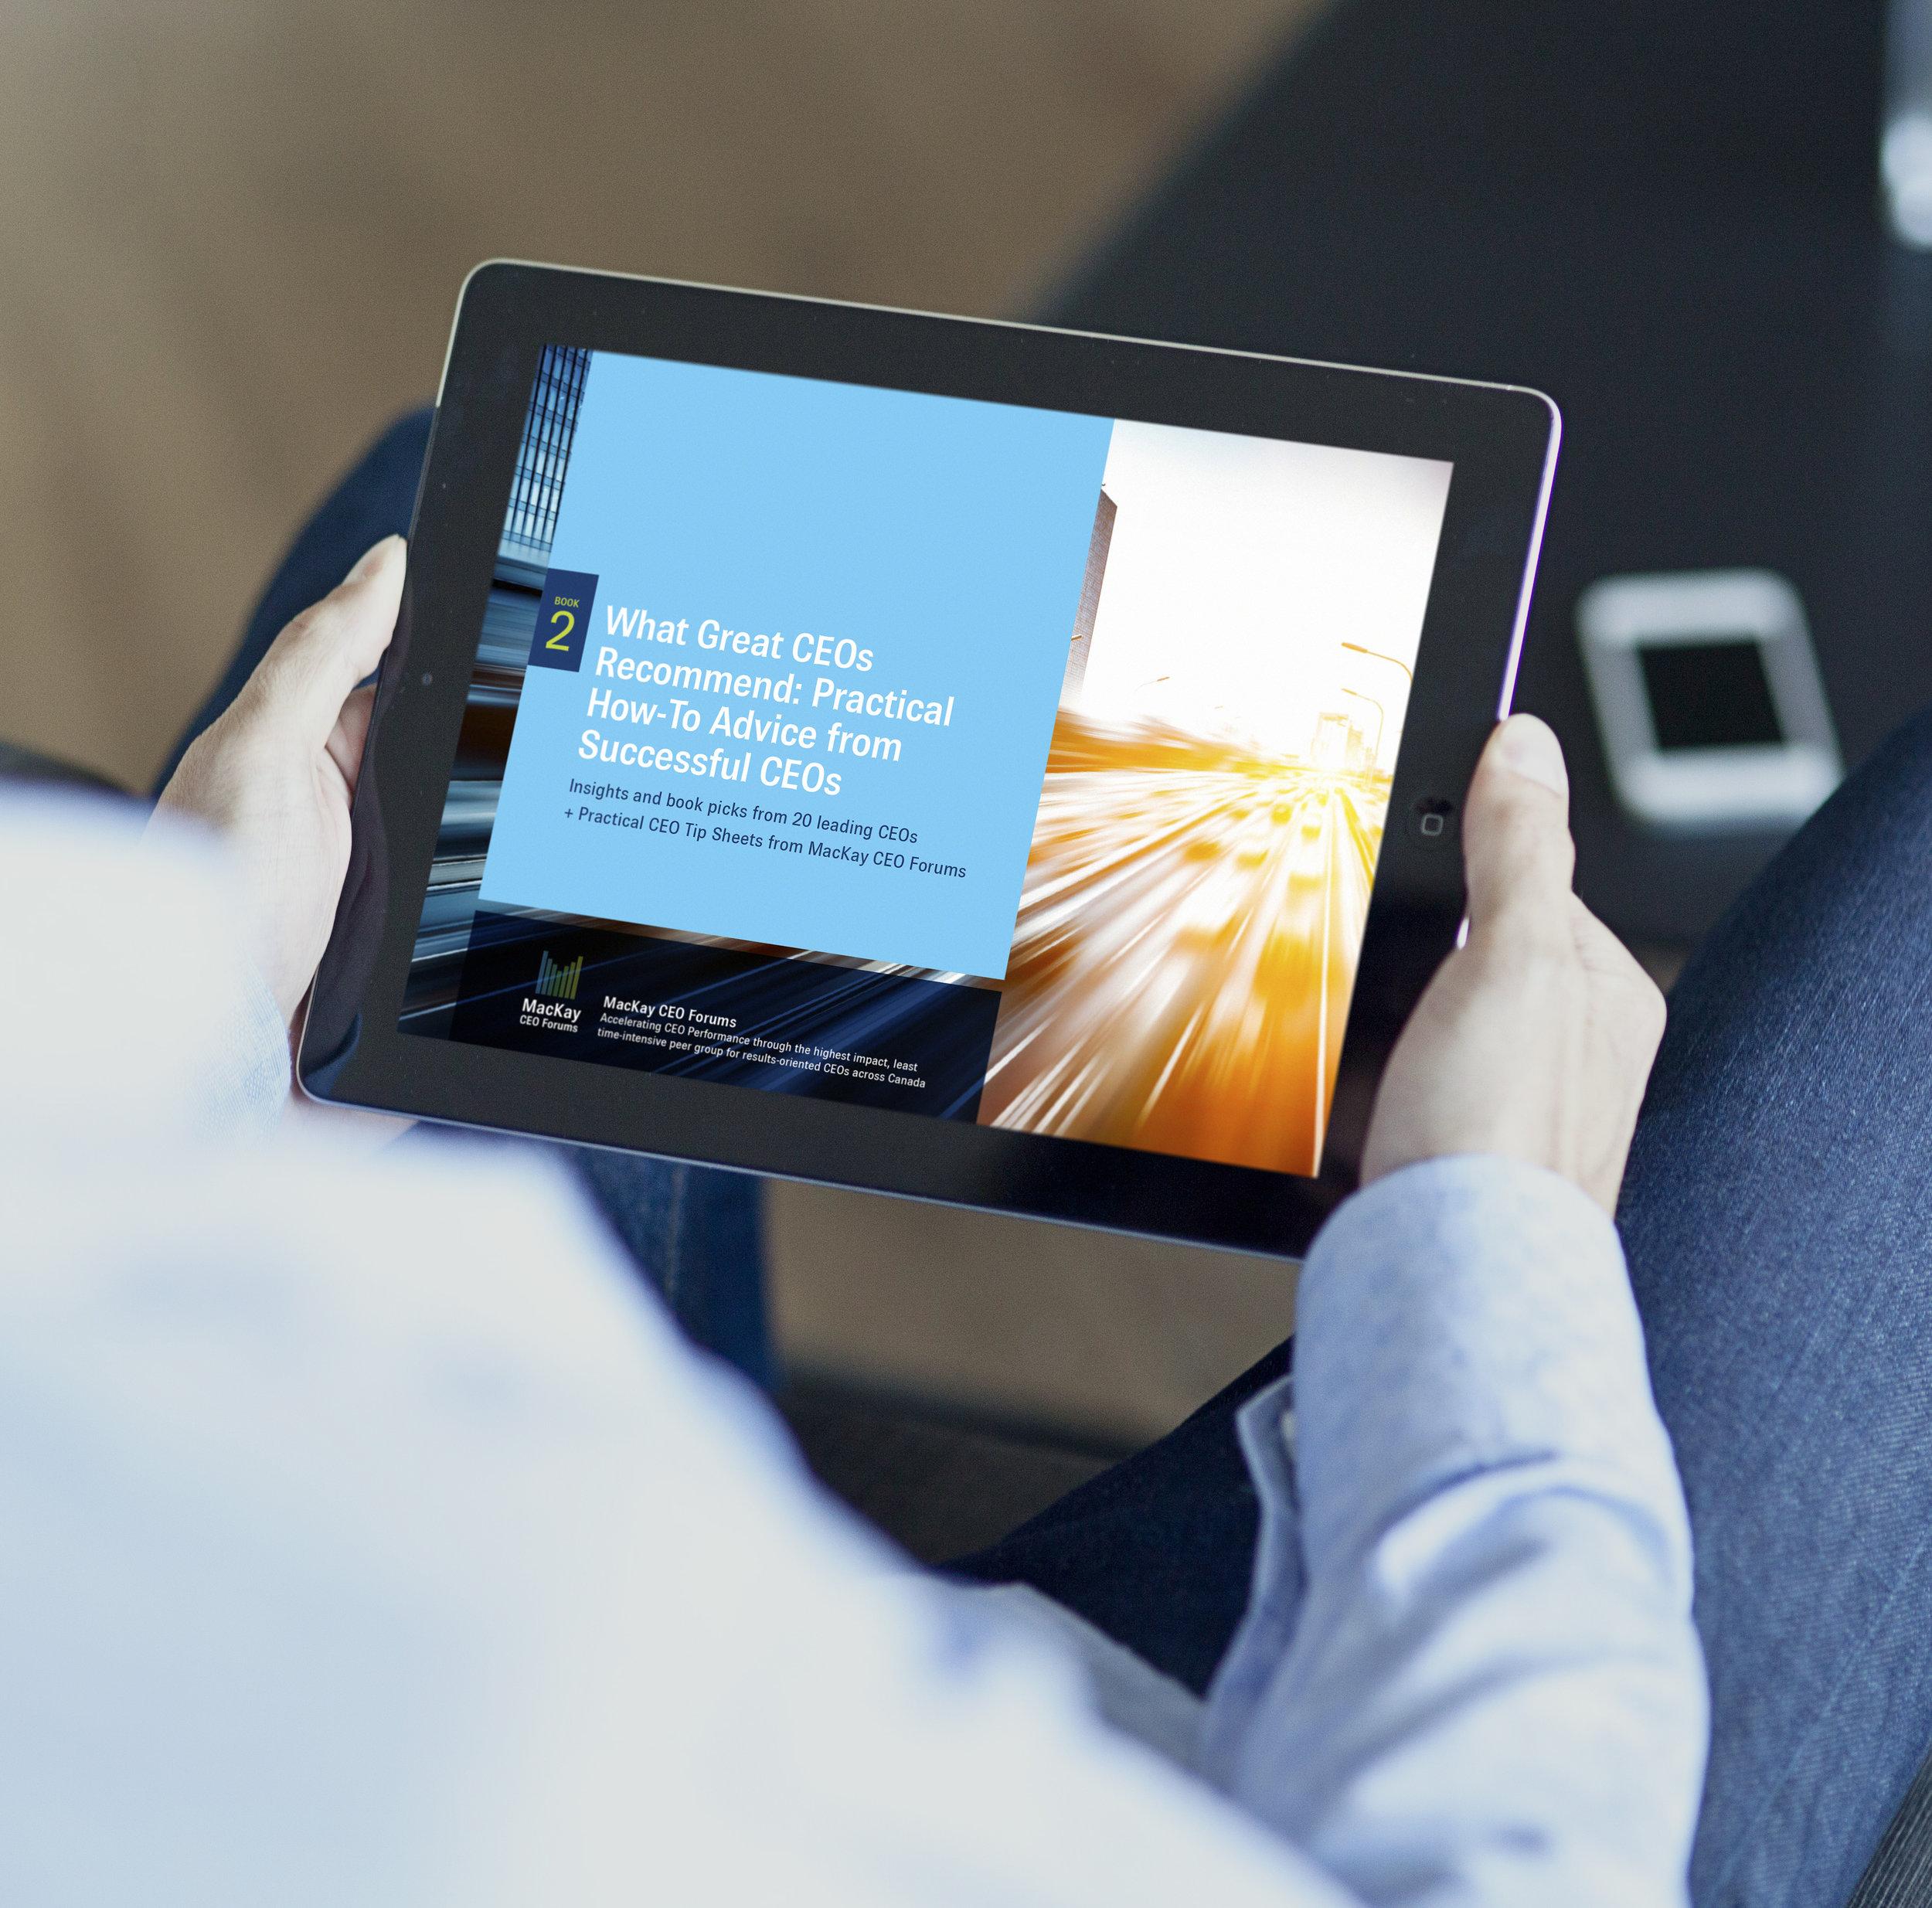 MacKay CEO Forums ebook on ipad